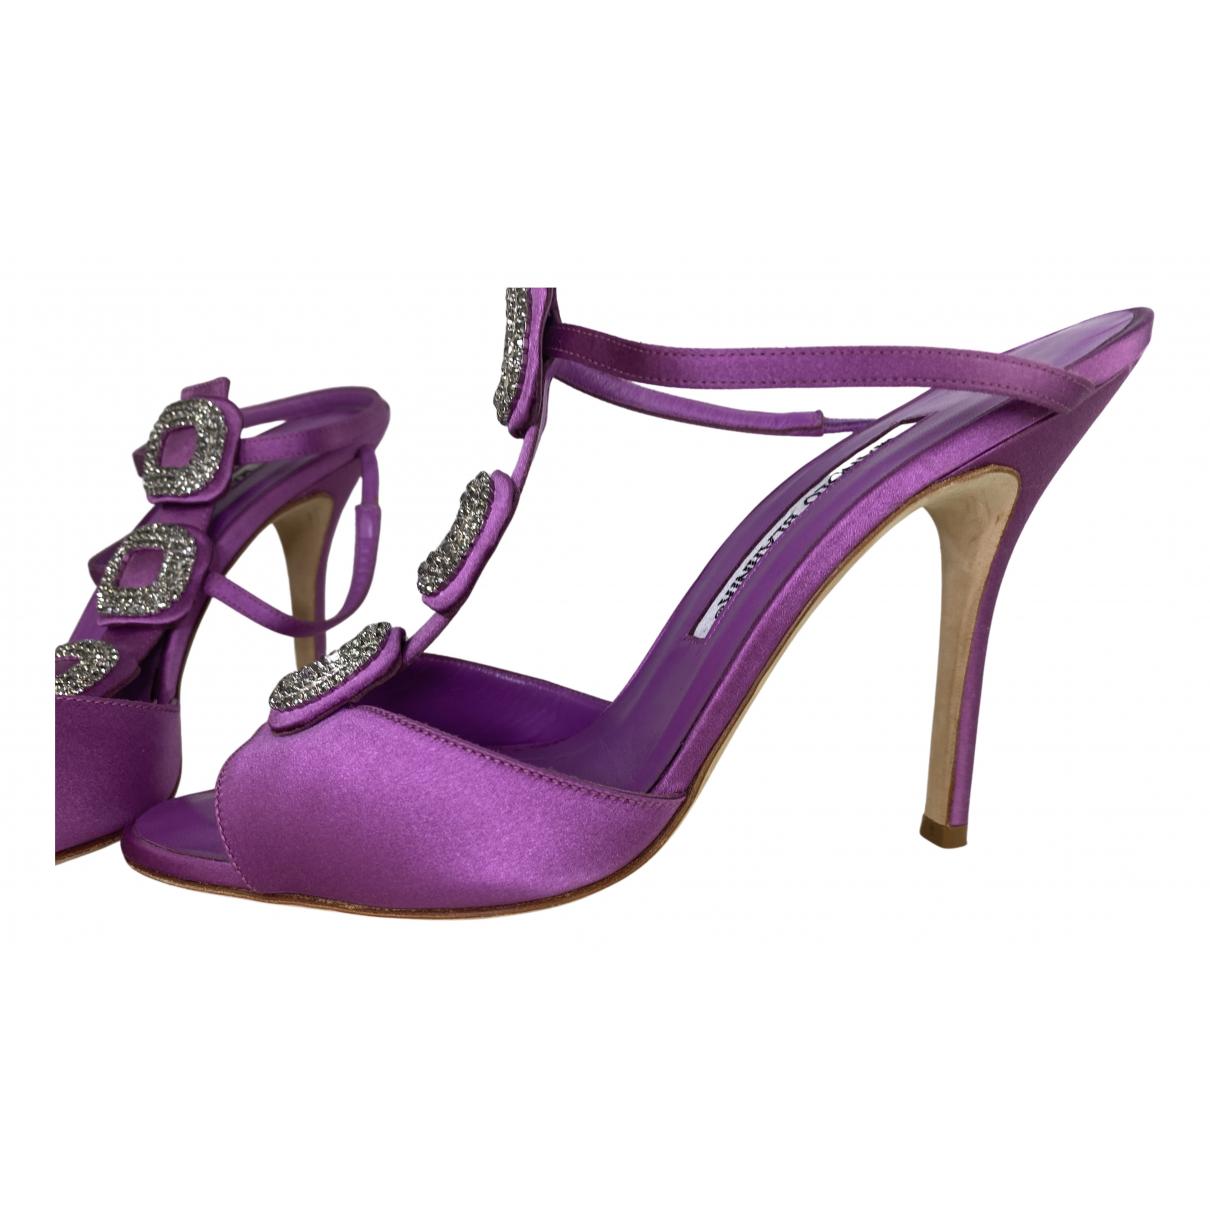 Manolo Blahnik - Escarpins   pour femme en toile - violet